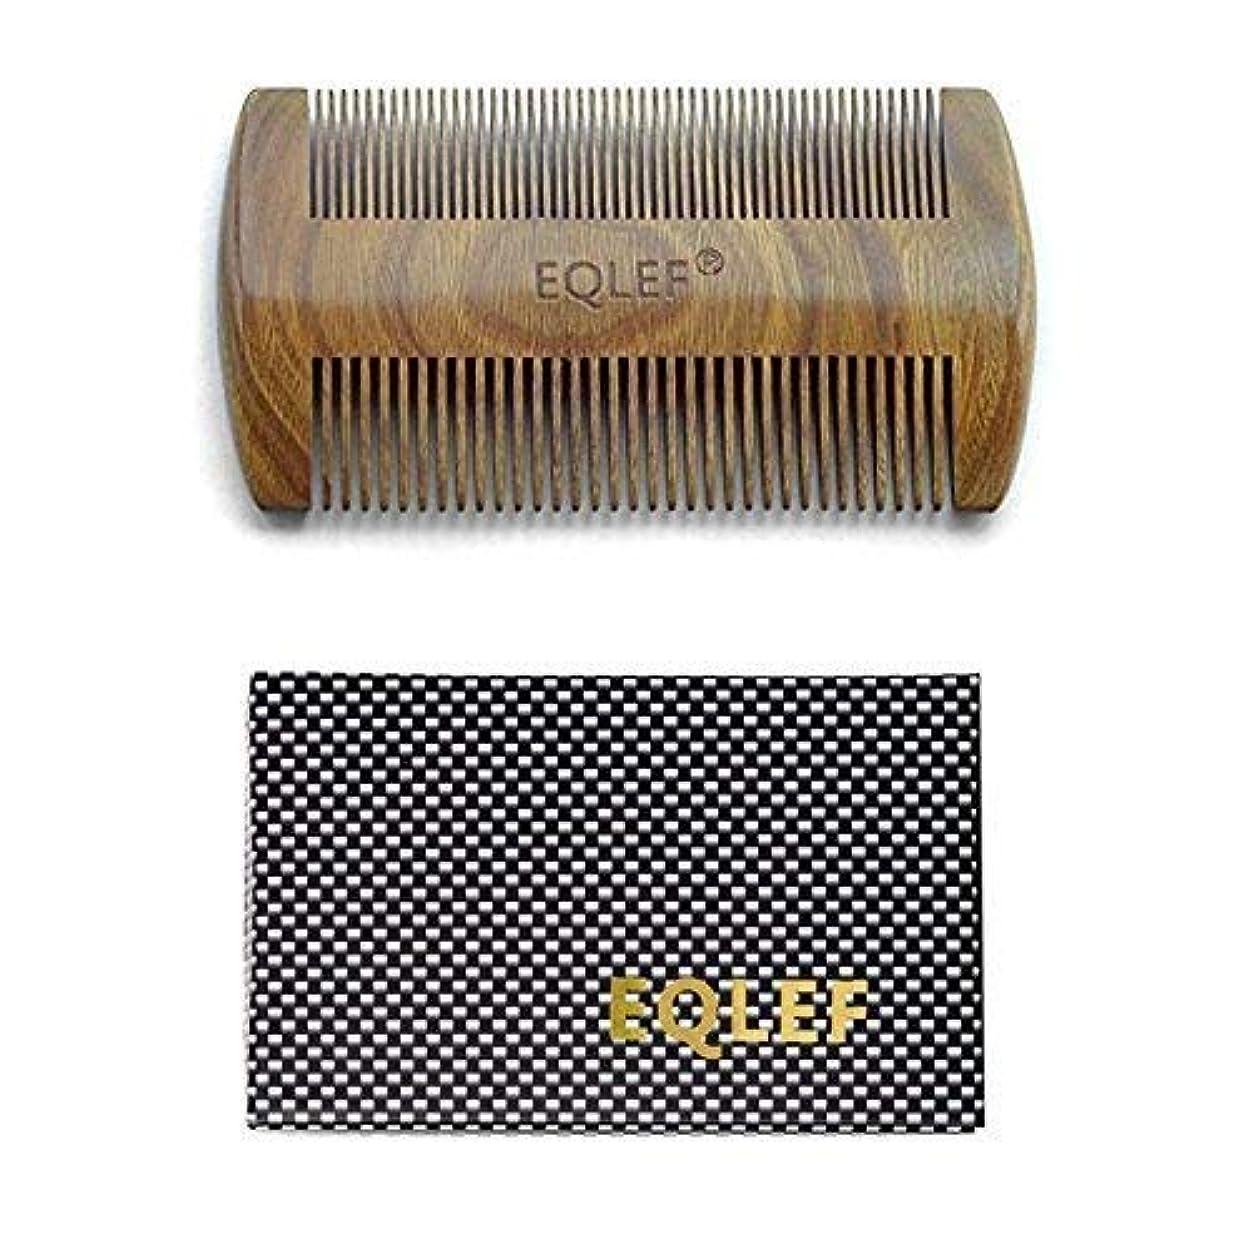 宿題素人判読できないEQLEF? Green sandalwood no static handmade comb,Pocket comb (beard) [並行輸入品]